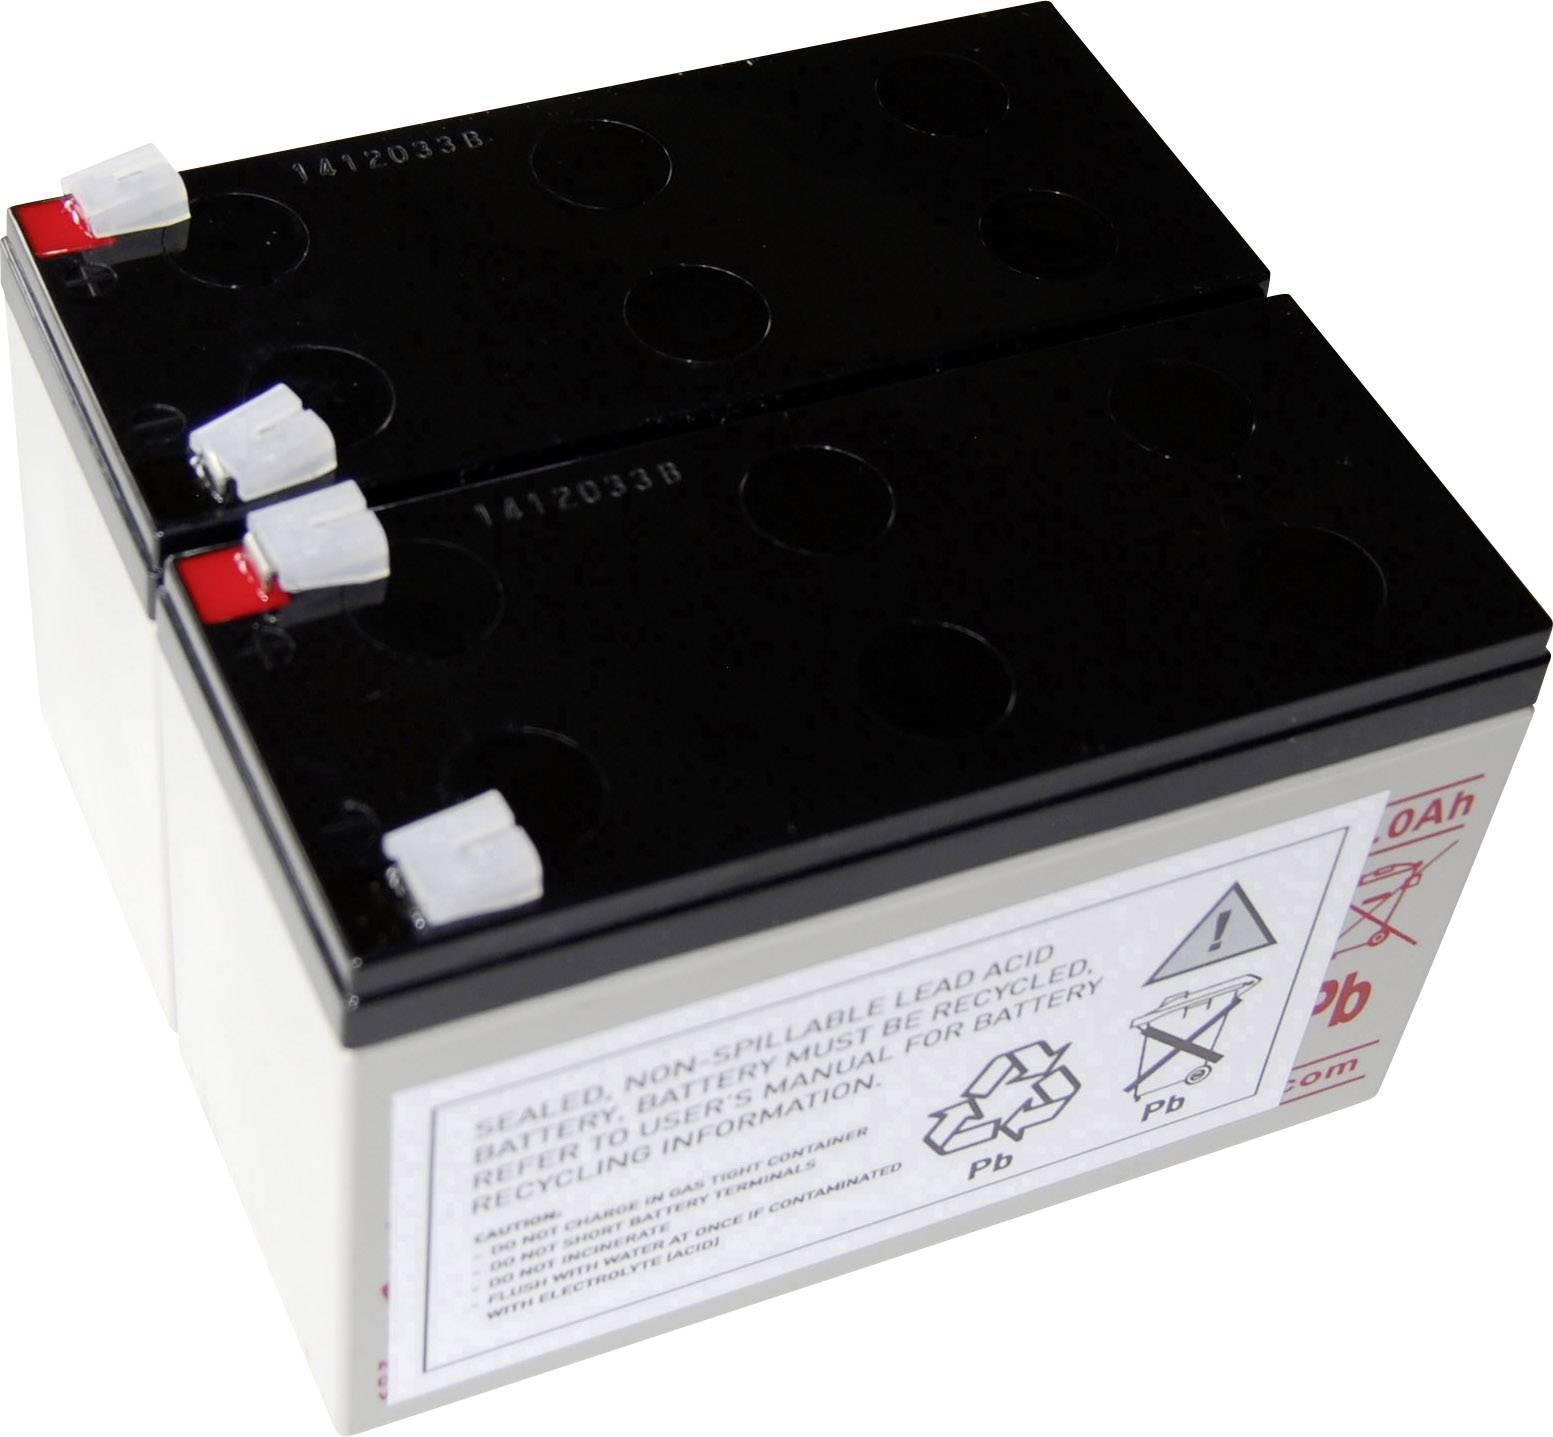 Náhradní akumulátor pro záložní zdroje (UPS) Conrad energy, vhodný pro Protect B 750